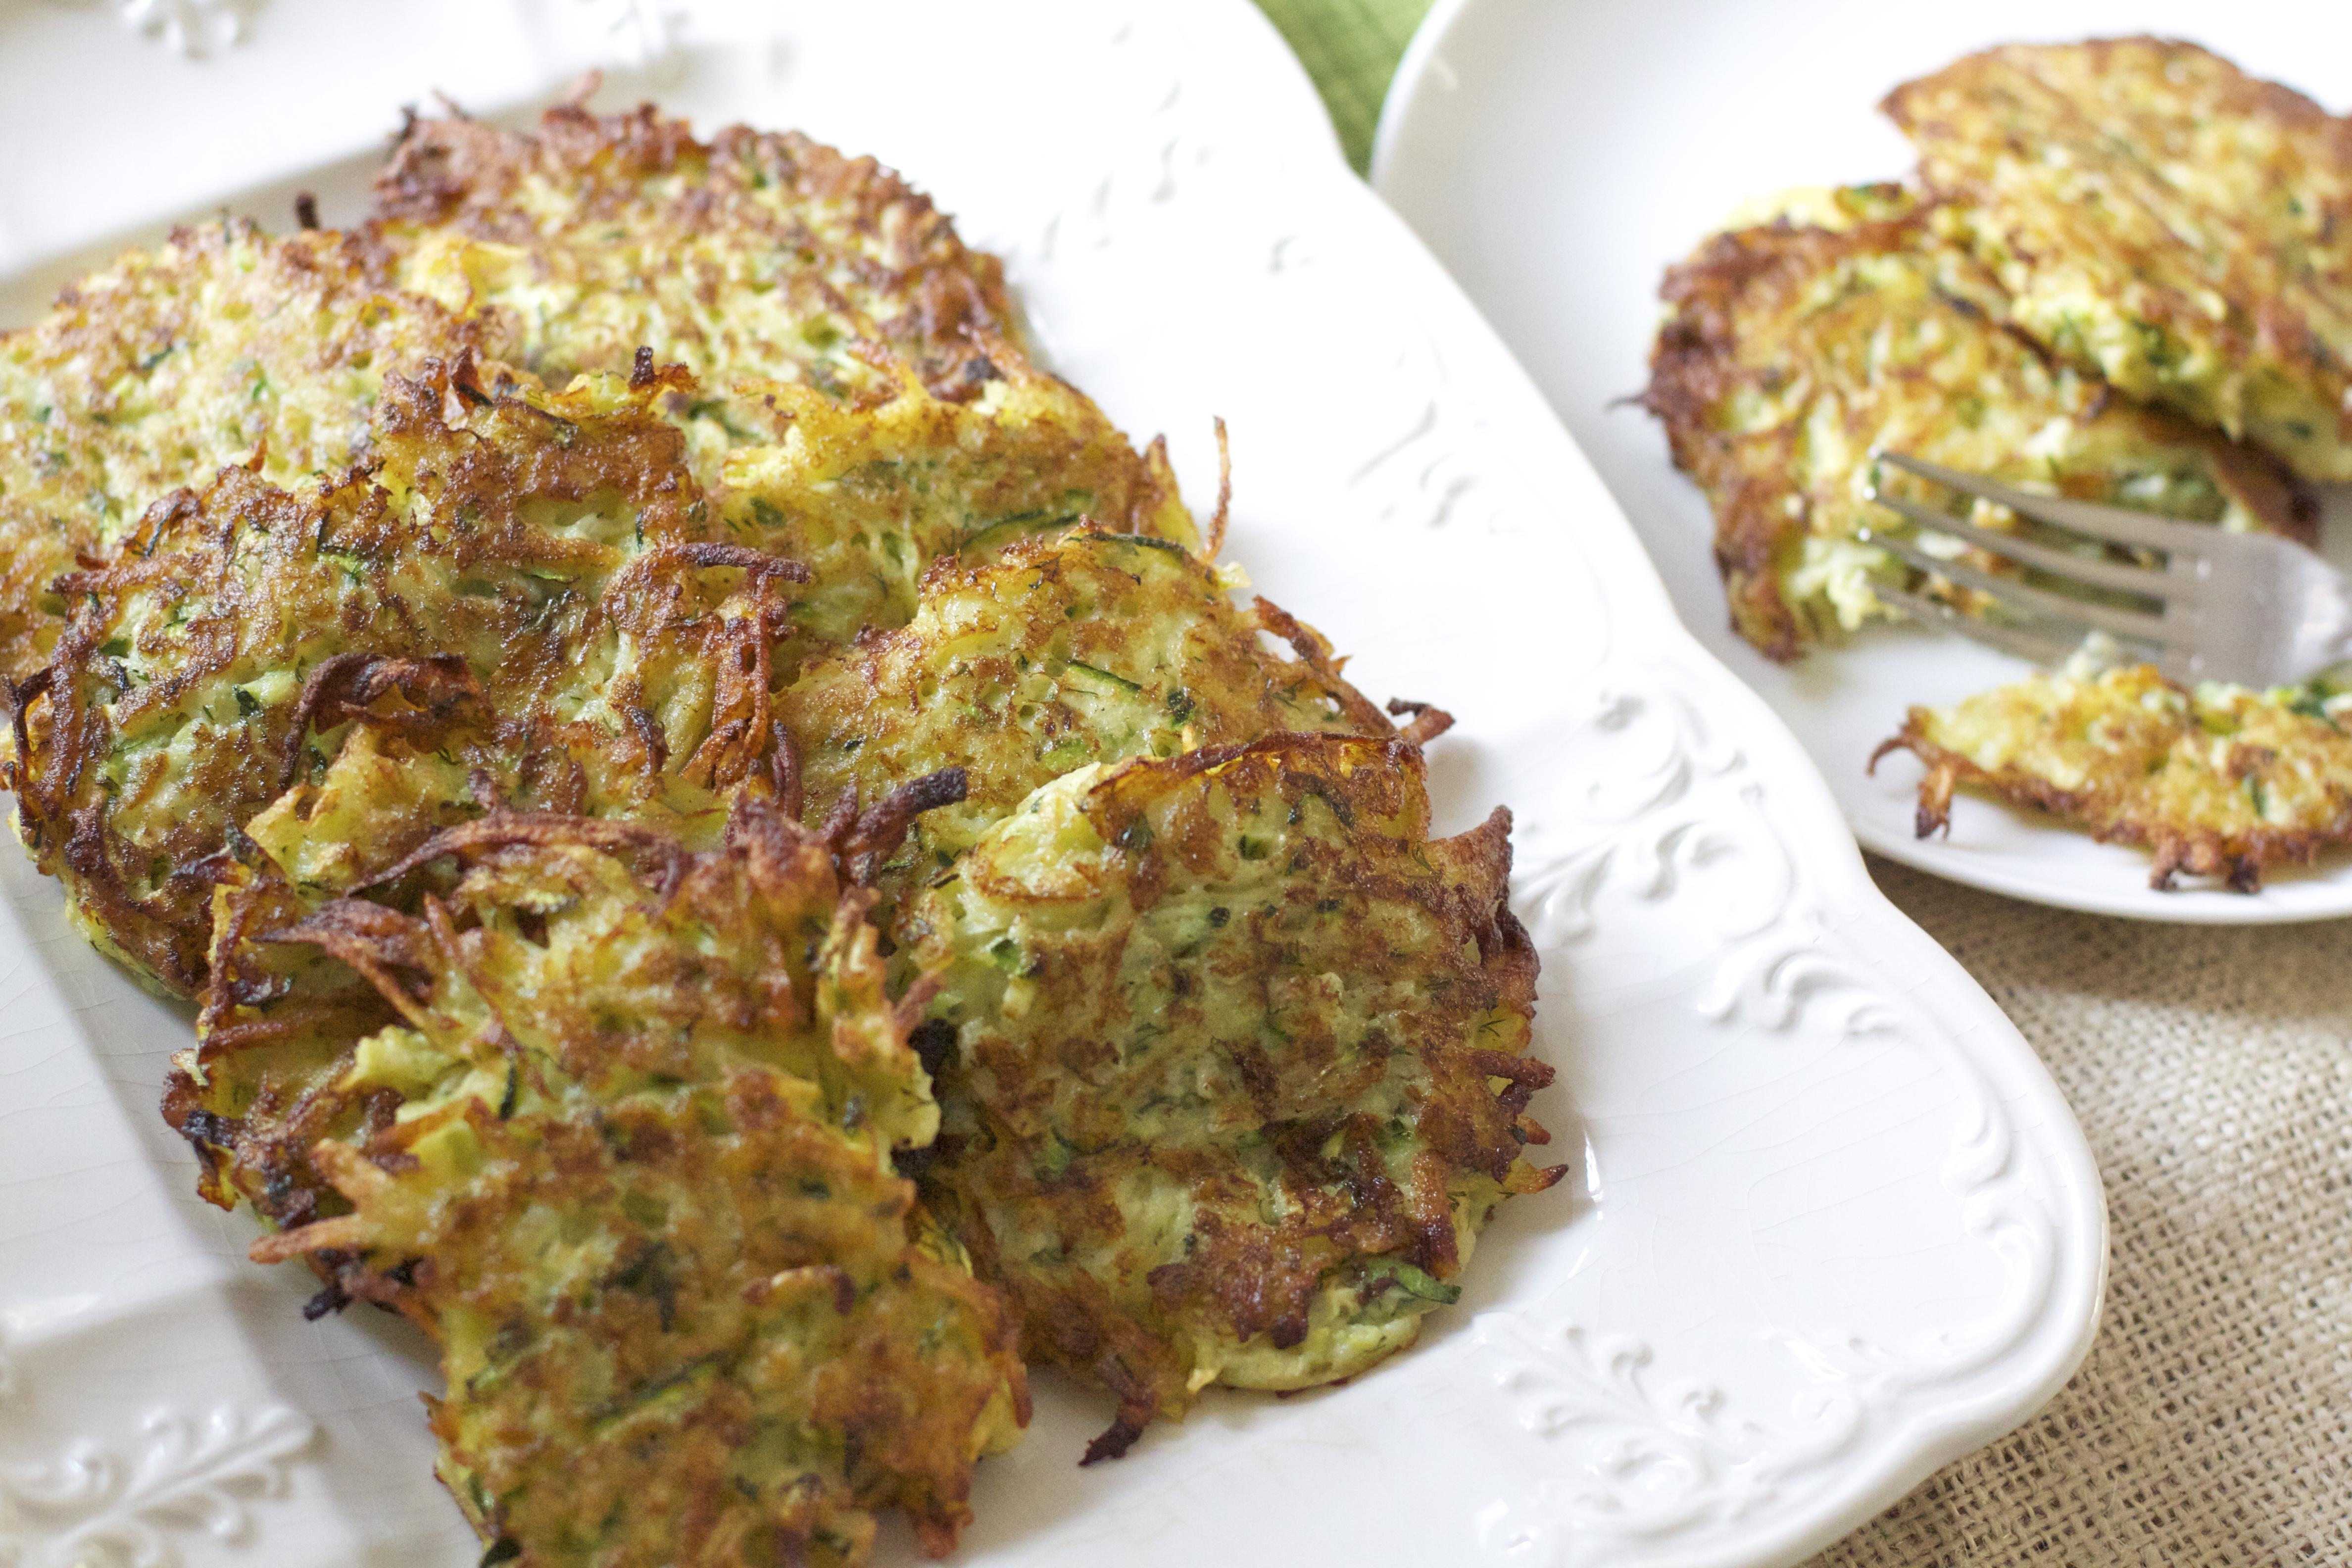 Zucchini-Dill Potato Cakes